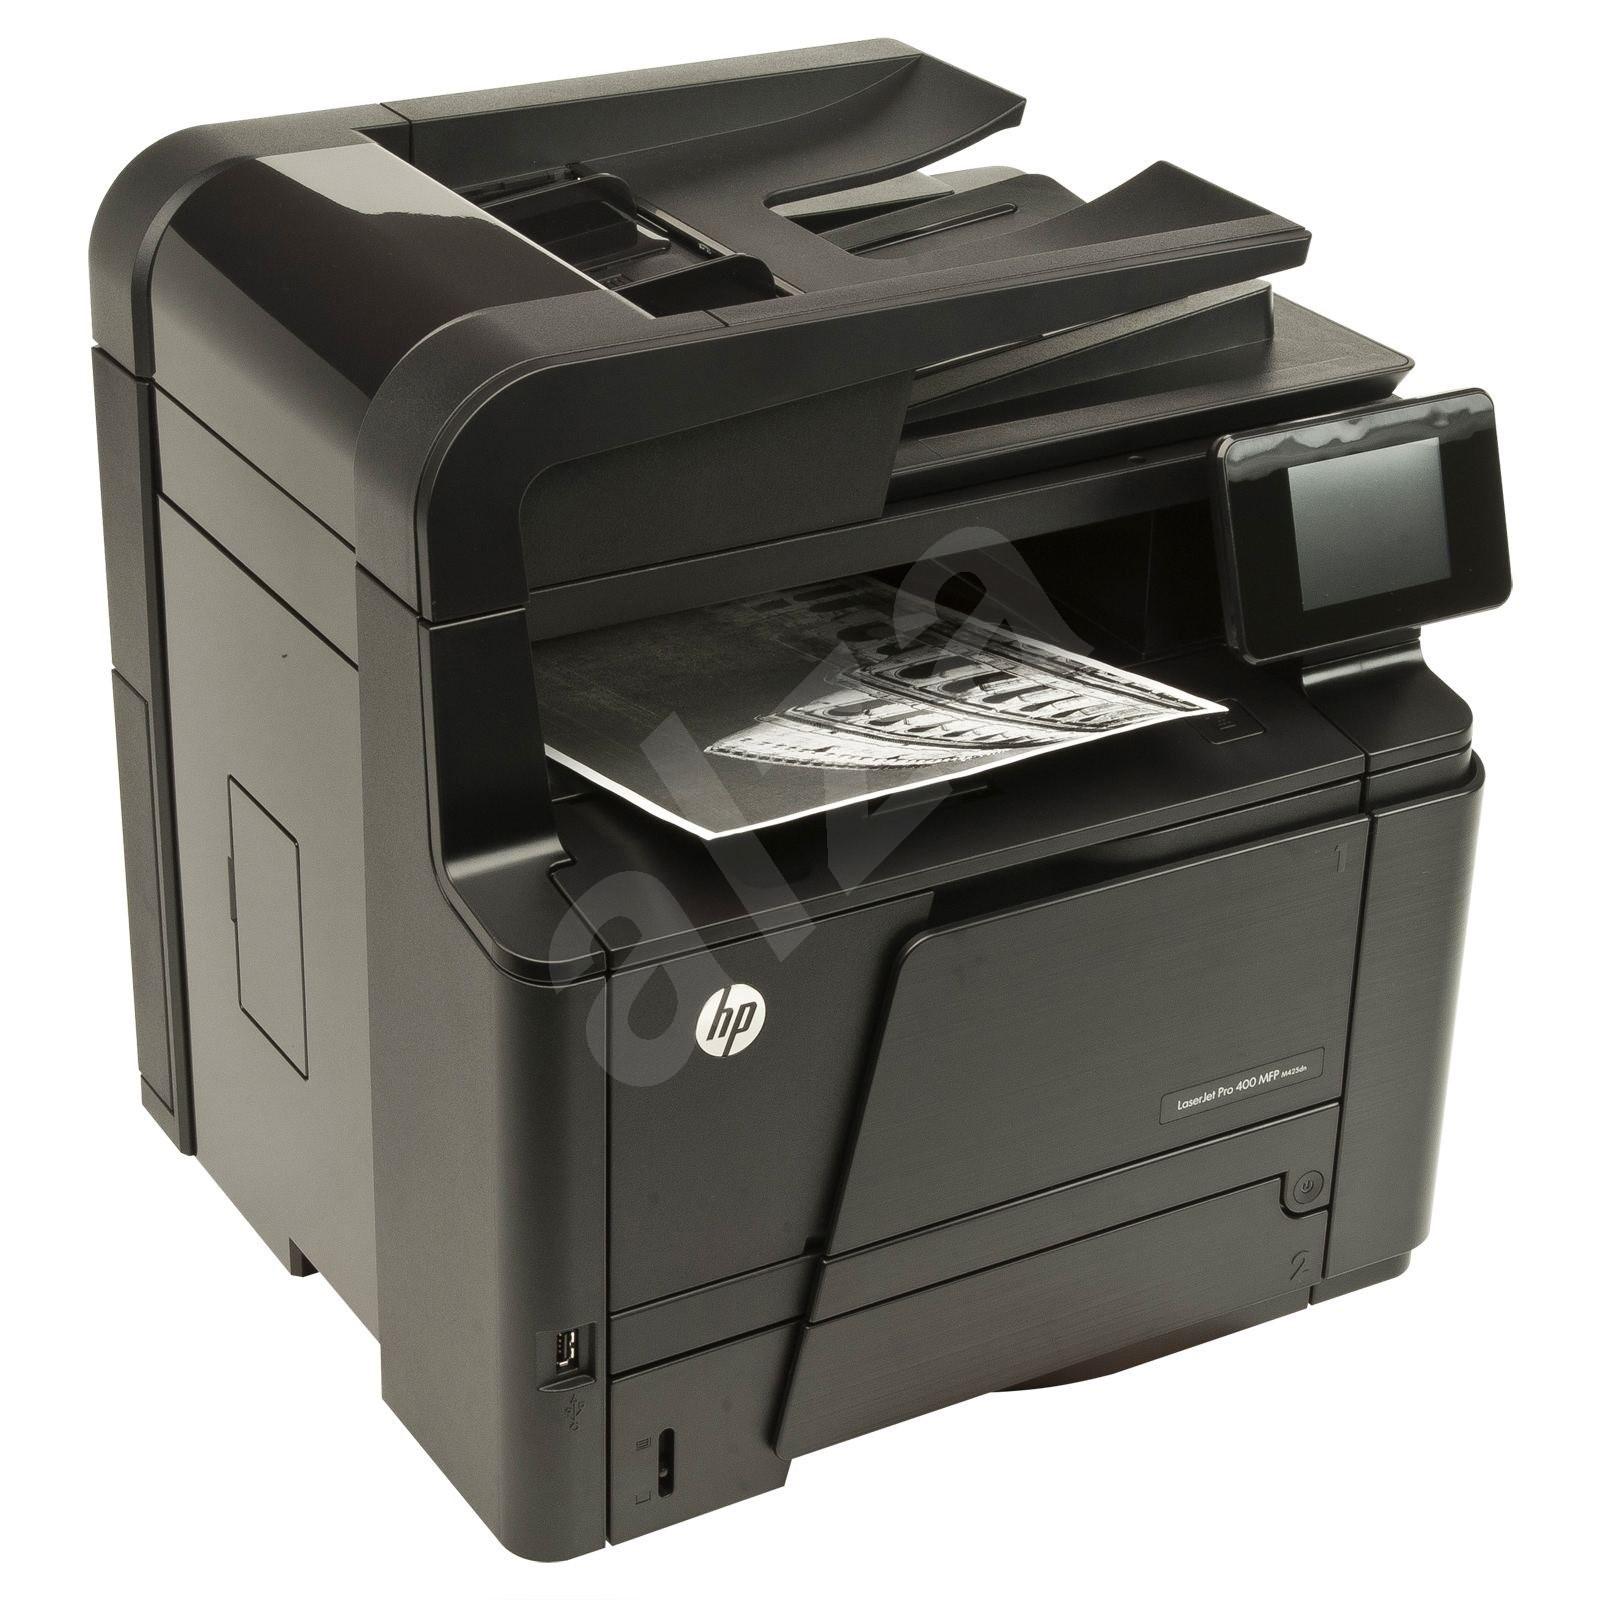 hp laserjet pro 400 m425dn laser printer. Black Bedroom Furniture Sets. Home Design Ideas